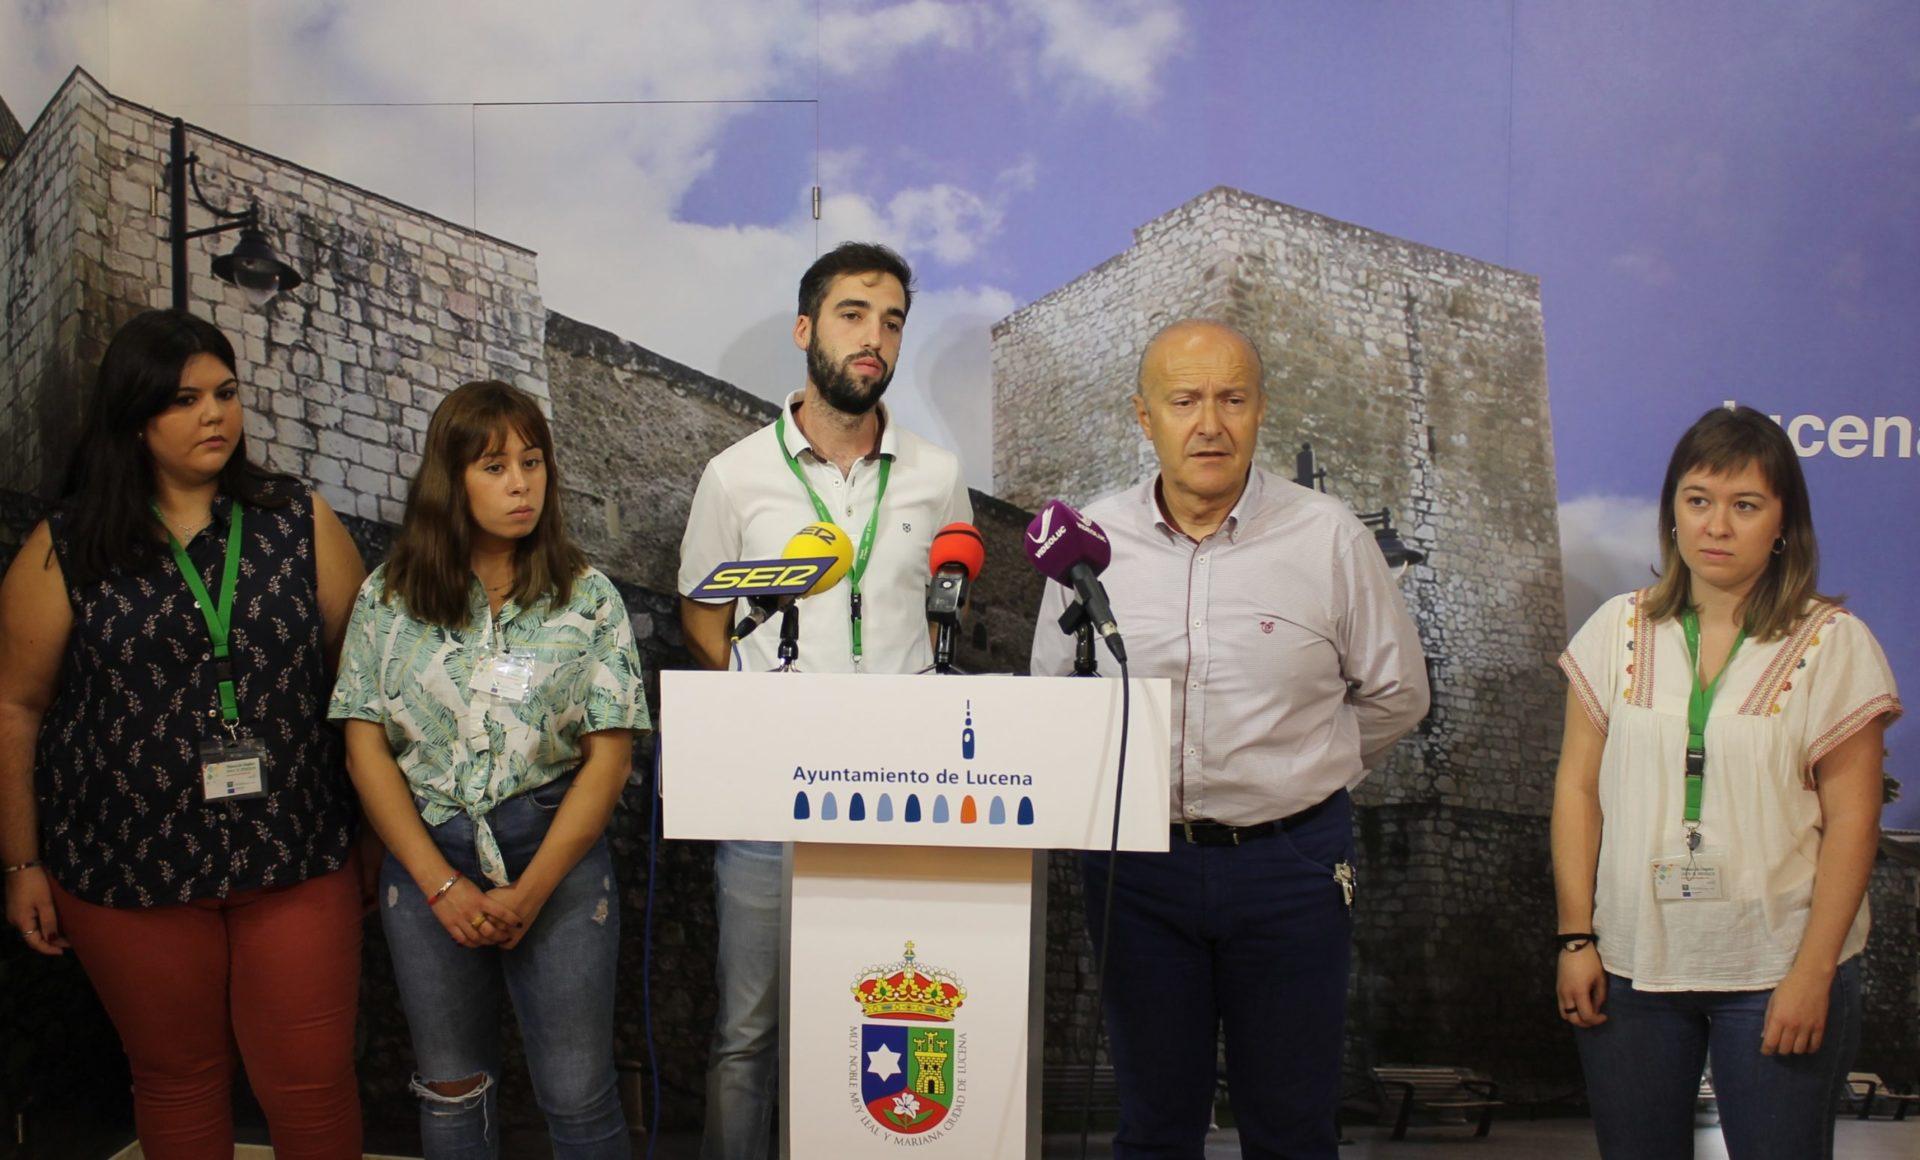 Participación Ciudadana pone en marcha las nuevas oficinas de información y atención municipal en los barrios  1